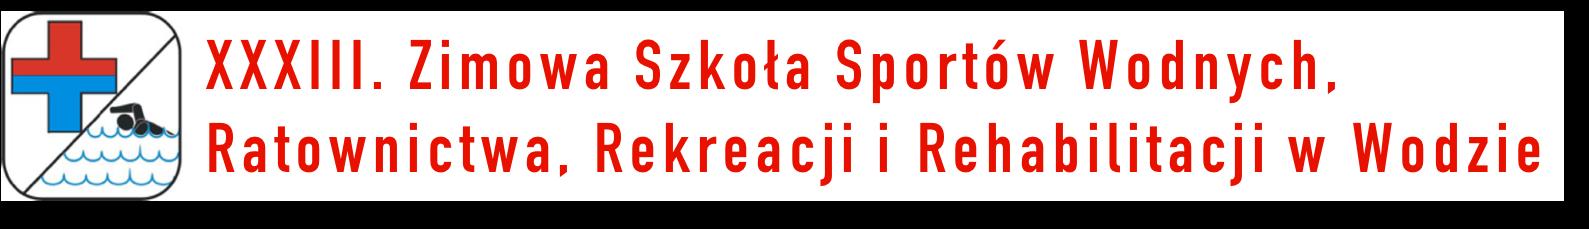 Zimowa Szkoła Sportów Wodnych, Ratownictwa, Rekreacji i Rehabilitacji w Wodzie